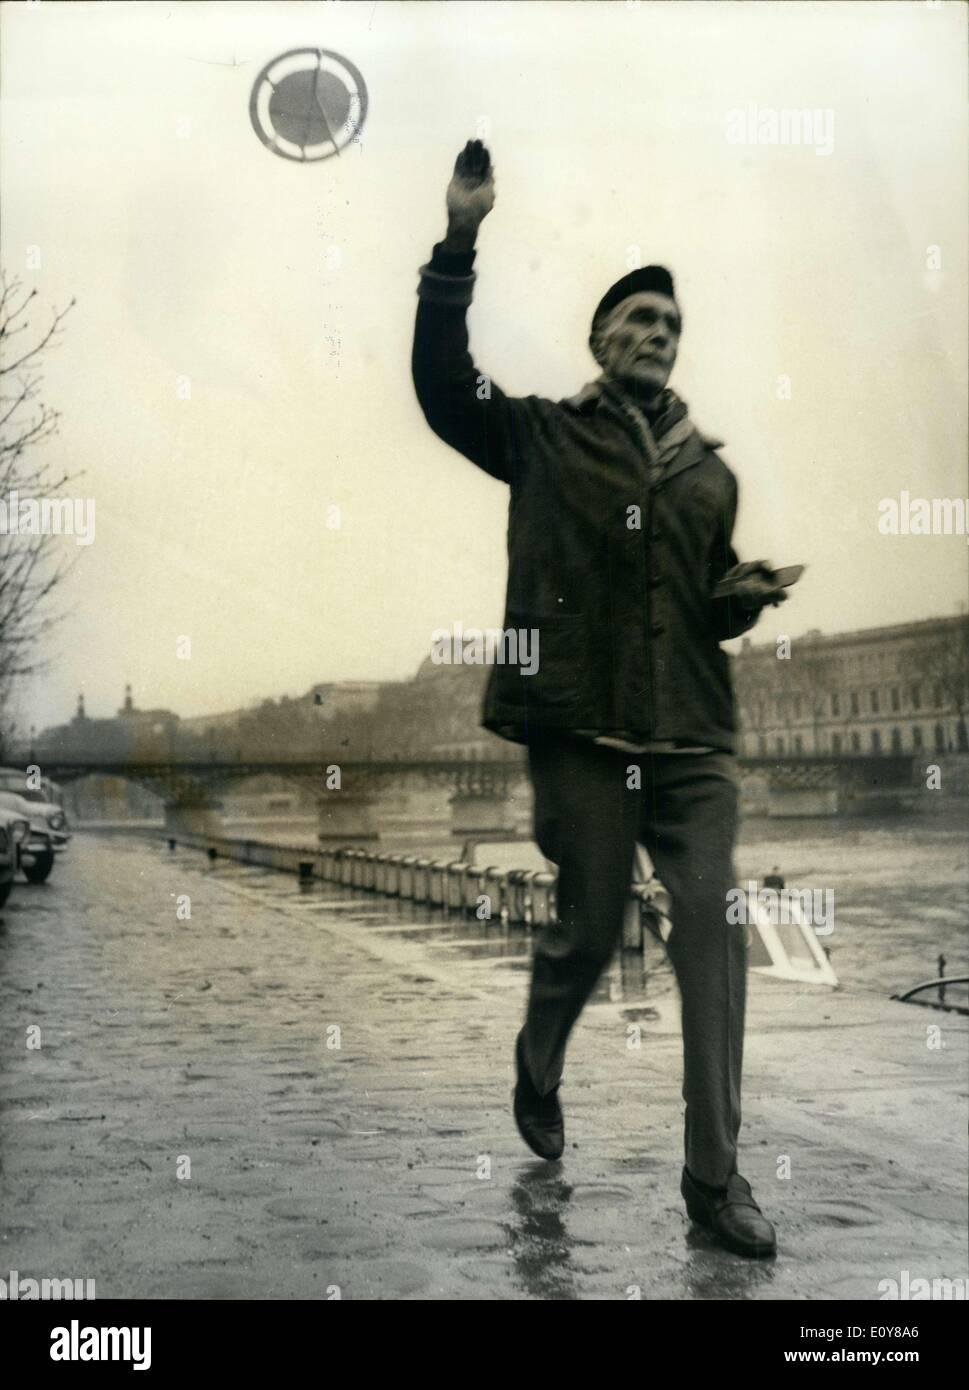 Gen 31, 1969 - Artista Plemish lancia battenti piattini: 73-anno-vecchio pittore fiammingo Frans De Geetere 10 ora lanciando un nuovo tipo di ''battenti piattini'' di sua invenzione. Il pittore della 'saucer'' è un 50 centimetro Discoteca di poliestere che può volare alto come 1.000 metri. L'artista inventore spera di fare un colpo con il mare per vacanza la prossima estate. Mostra fotografica di Frans De Geetere nella foto con uno dei suoi dischi volanti sulla senna Embankment oggi. Foto Stock